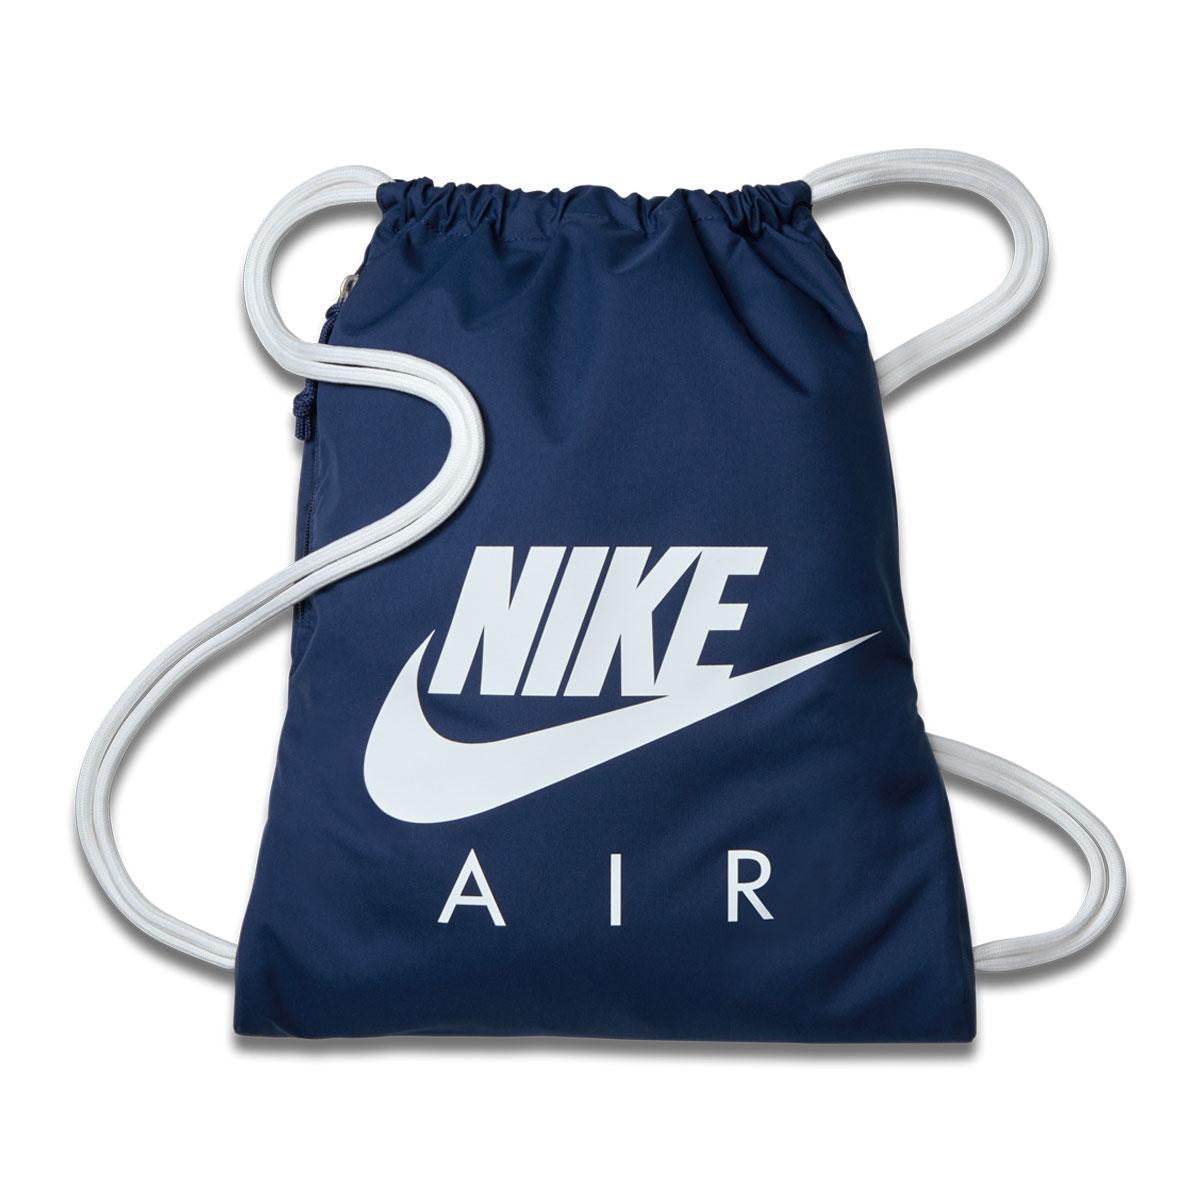 657015d657c3 NIKE NK HERITAGE GMSK 1 - GFX (Nike heritage graphic gym case) BLUE 17SP-I